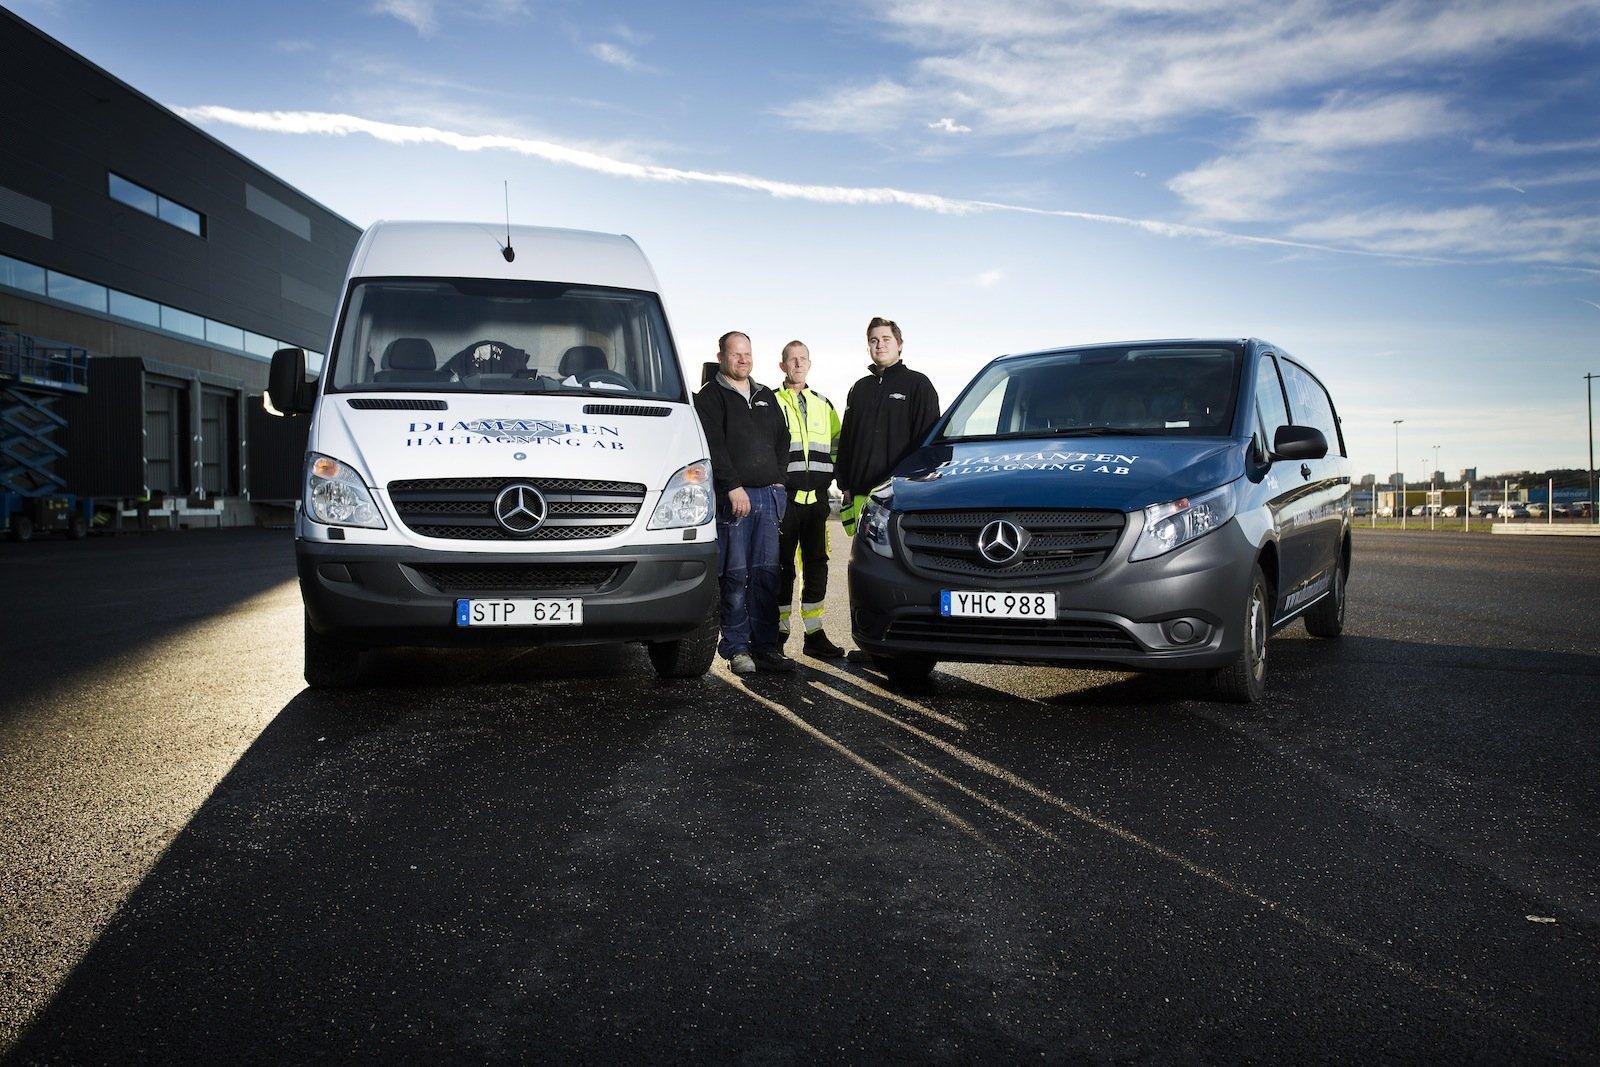 Tre av Diamanten AB:s anställda – Per-Åke Nilsson, Christer Johansson och Jan Magne Berger.